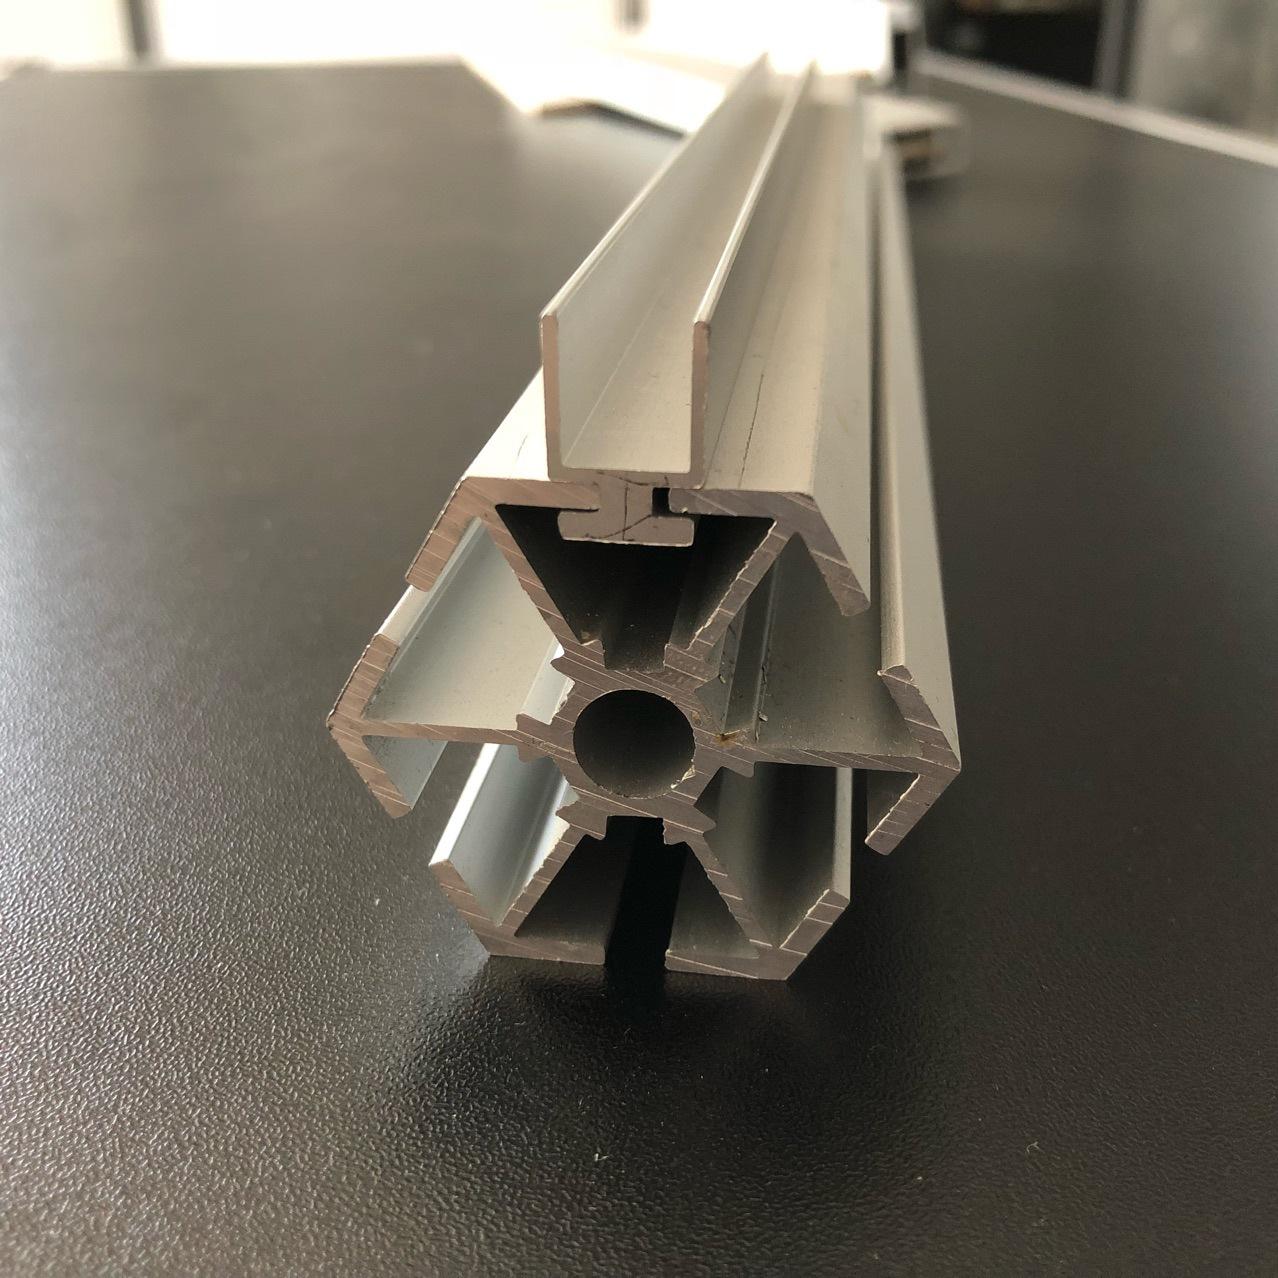 六棱柱铝材生产厂家 网红打卡店 展会镜子迷宫专用柱子厂60度展架